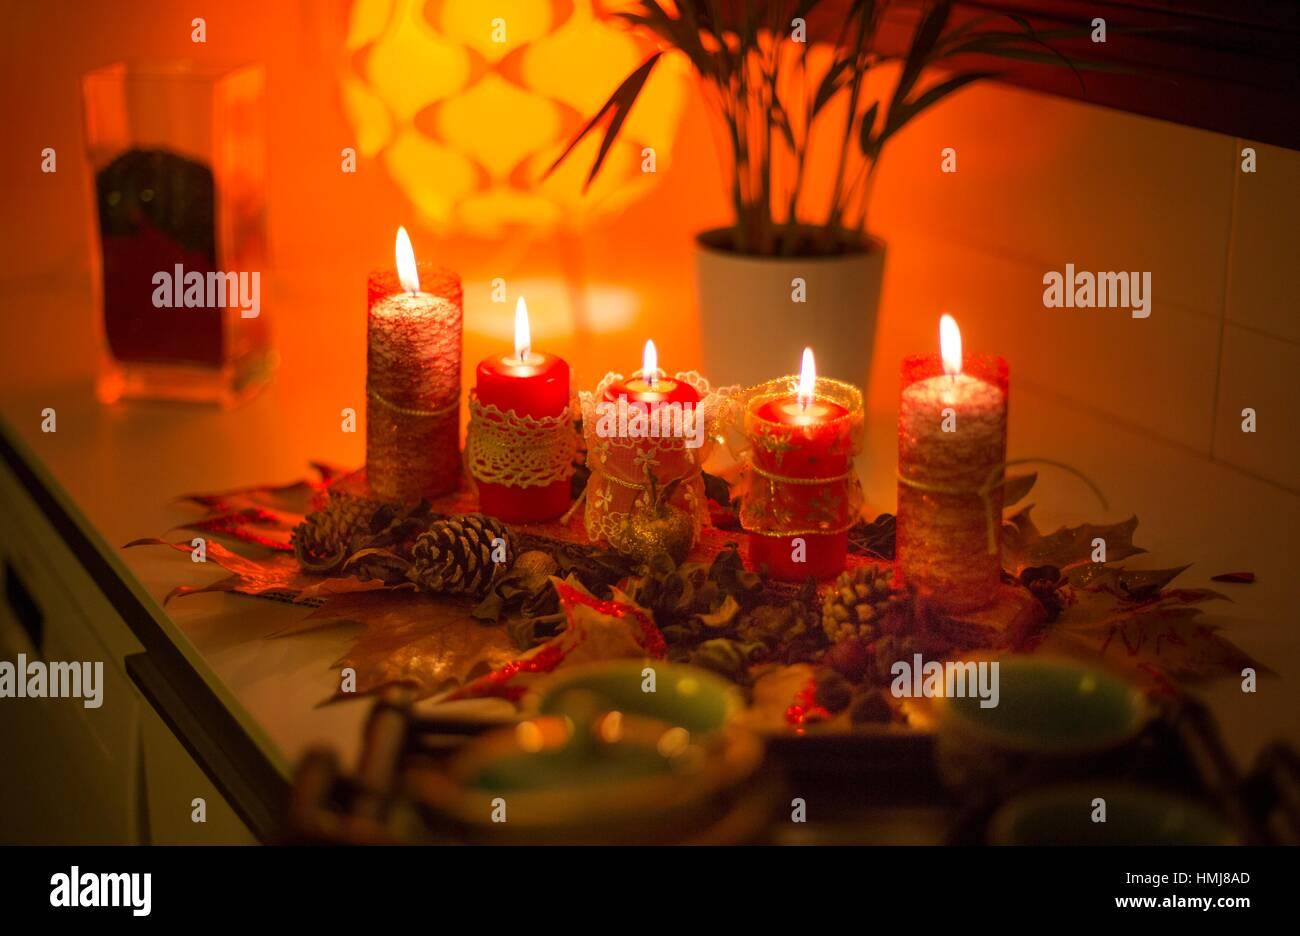 Fondos de Navidad con velas. Imagen De Stock